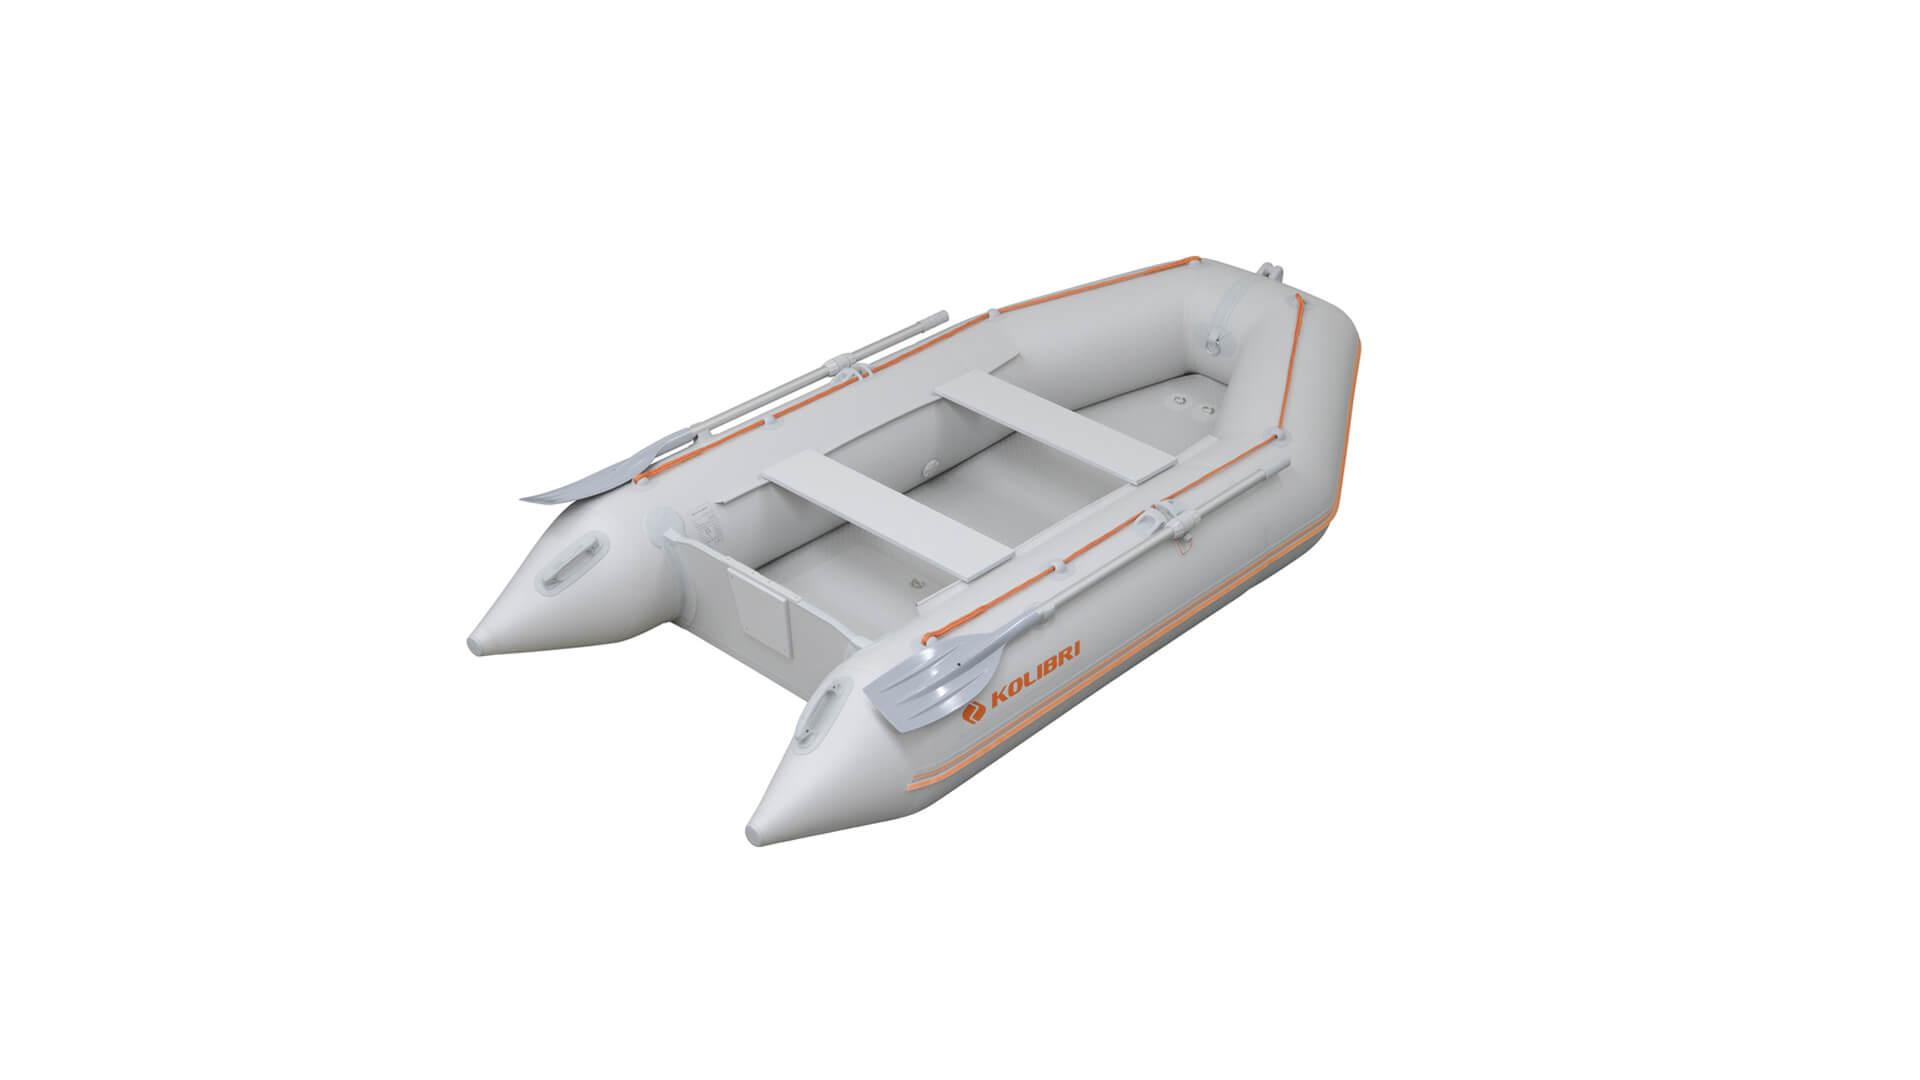 Надувная лодка Колибри КМ-300, Надувная лодка Колибри КМ-300, Надувная лодка Kolibri KM-300, Надувная лодка Kolibri KM-300, KOLIBRI KM-300, Колибри KM-300, KOLIBRI KM 300, KM-300, KOLIBRI KM300, KM300, Надувная лодка KOLIBRI, Надувная лодка Колибри, Разборная лодка, Складная лодка, надувная лодка с транцем, надувная лодка для рыбалки, надувная лодка пвх, лодка пвх